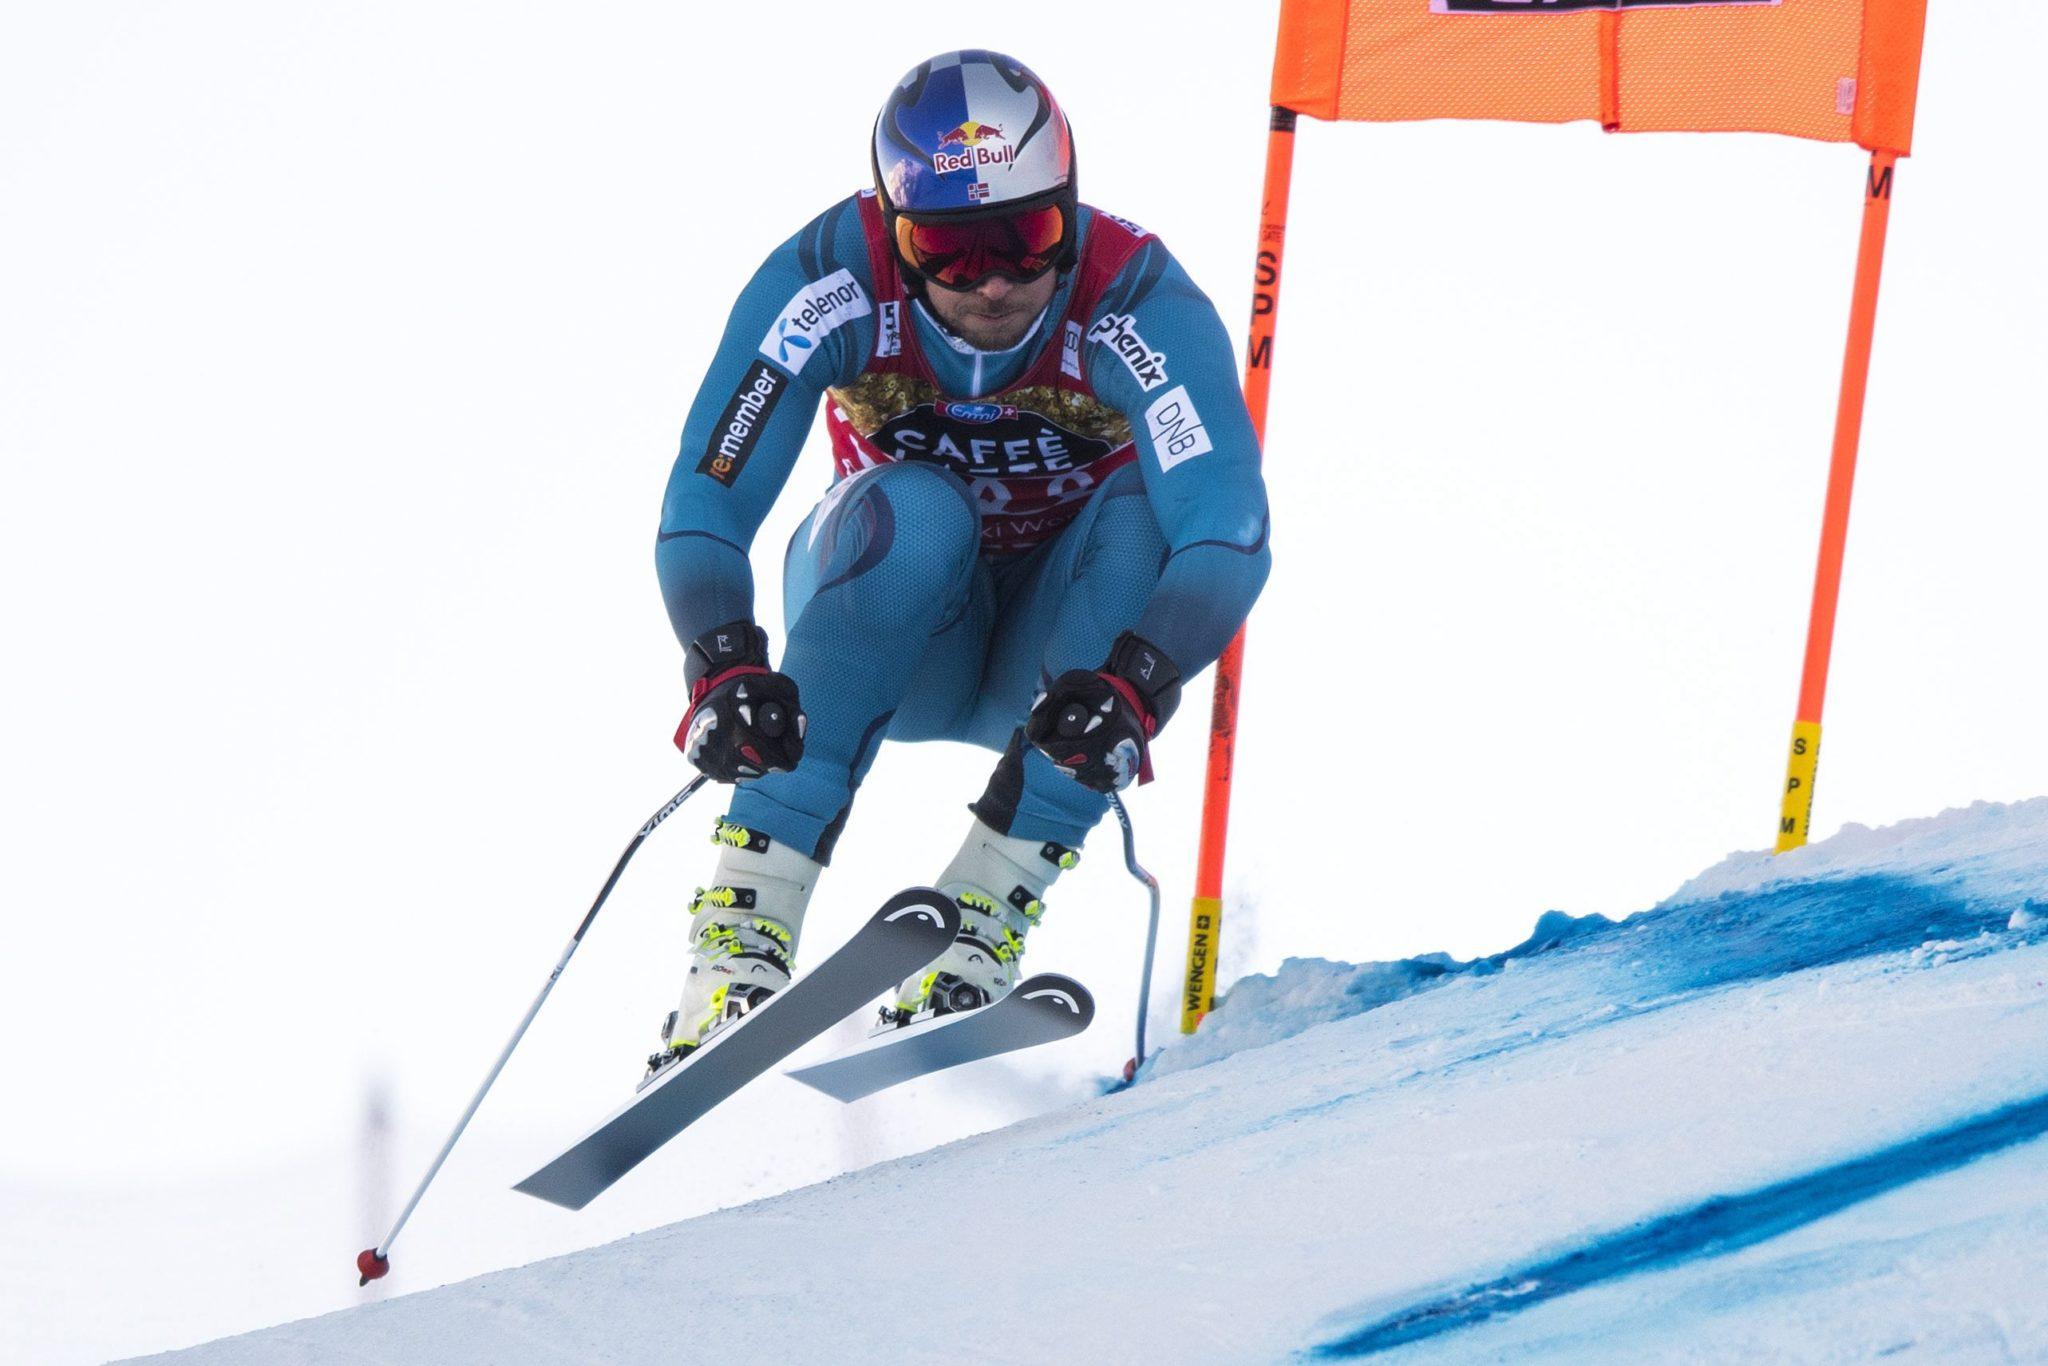 Szwajcaria: zawody narciarstwie alpejskim mężczyzn w ramach Pucharu Świata rozgrywane w Lauberhorn (foto. PAP/EPA/PETER SCHNEIDER)